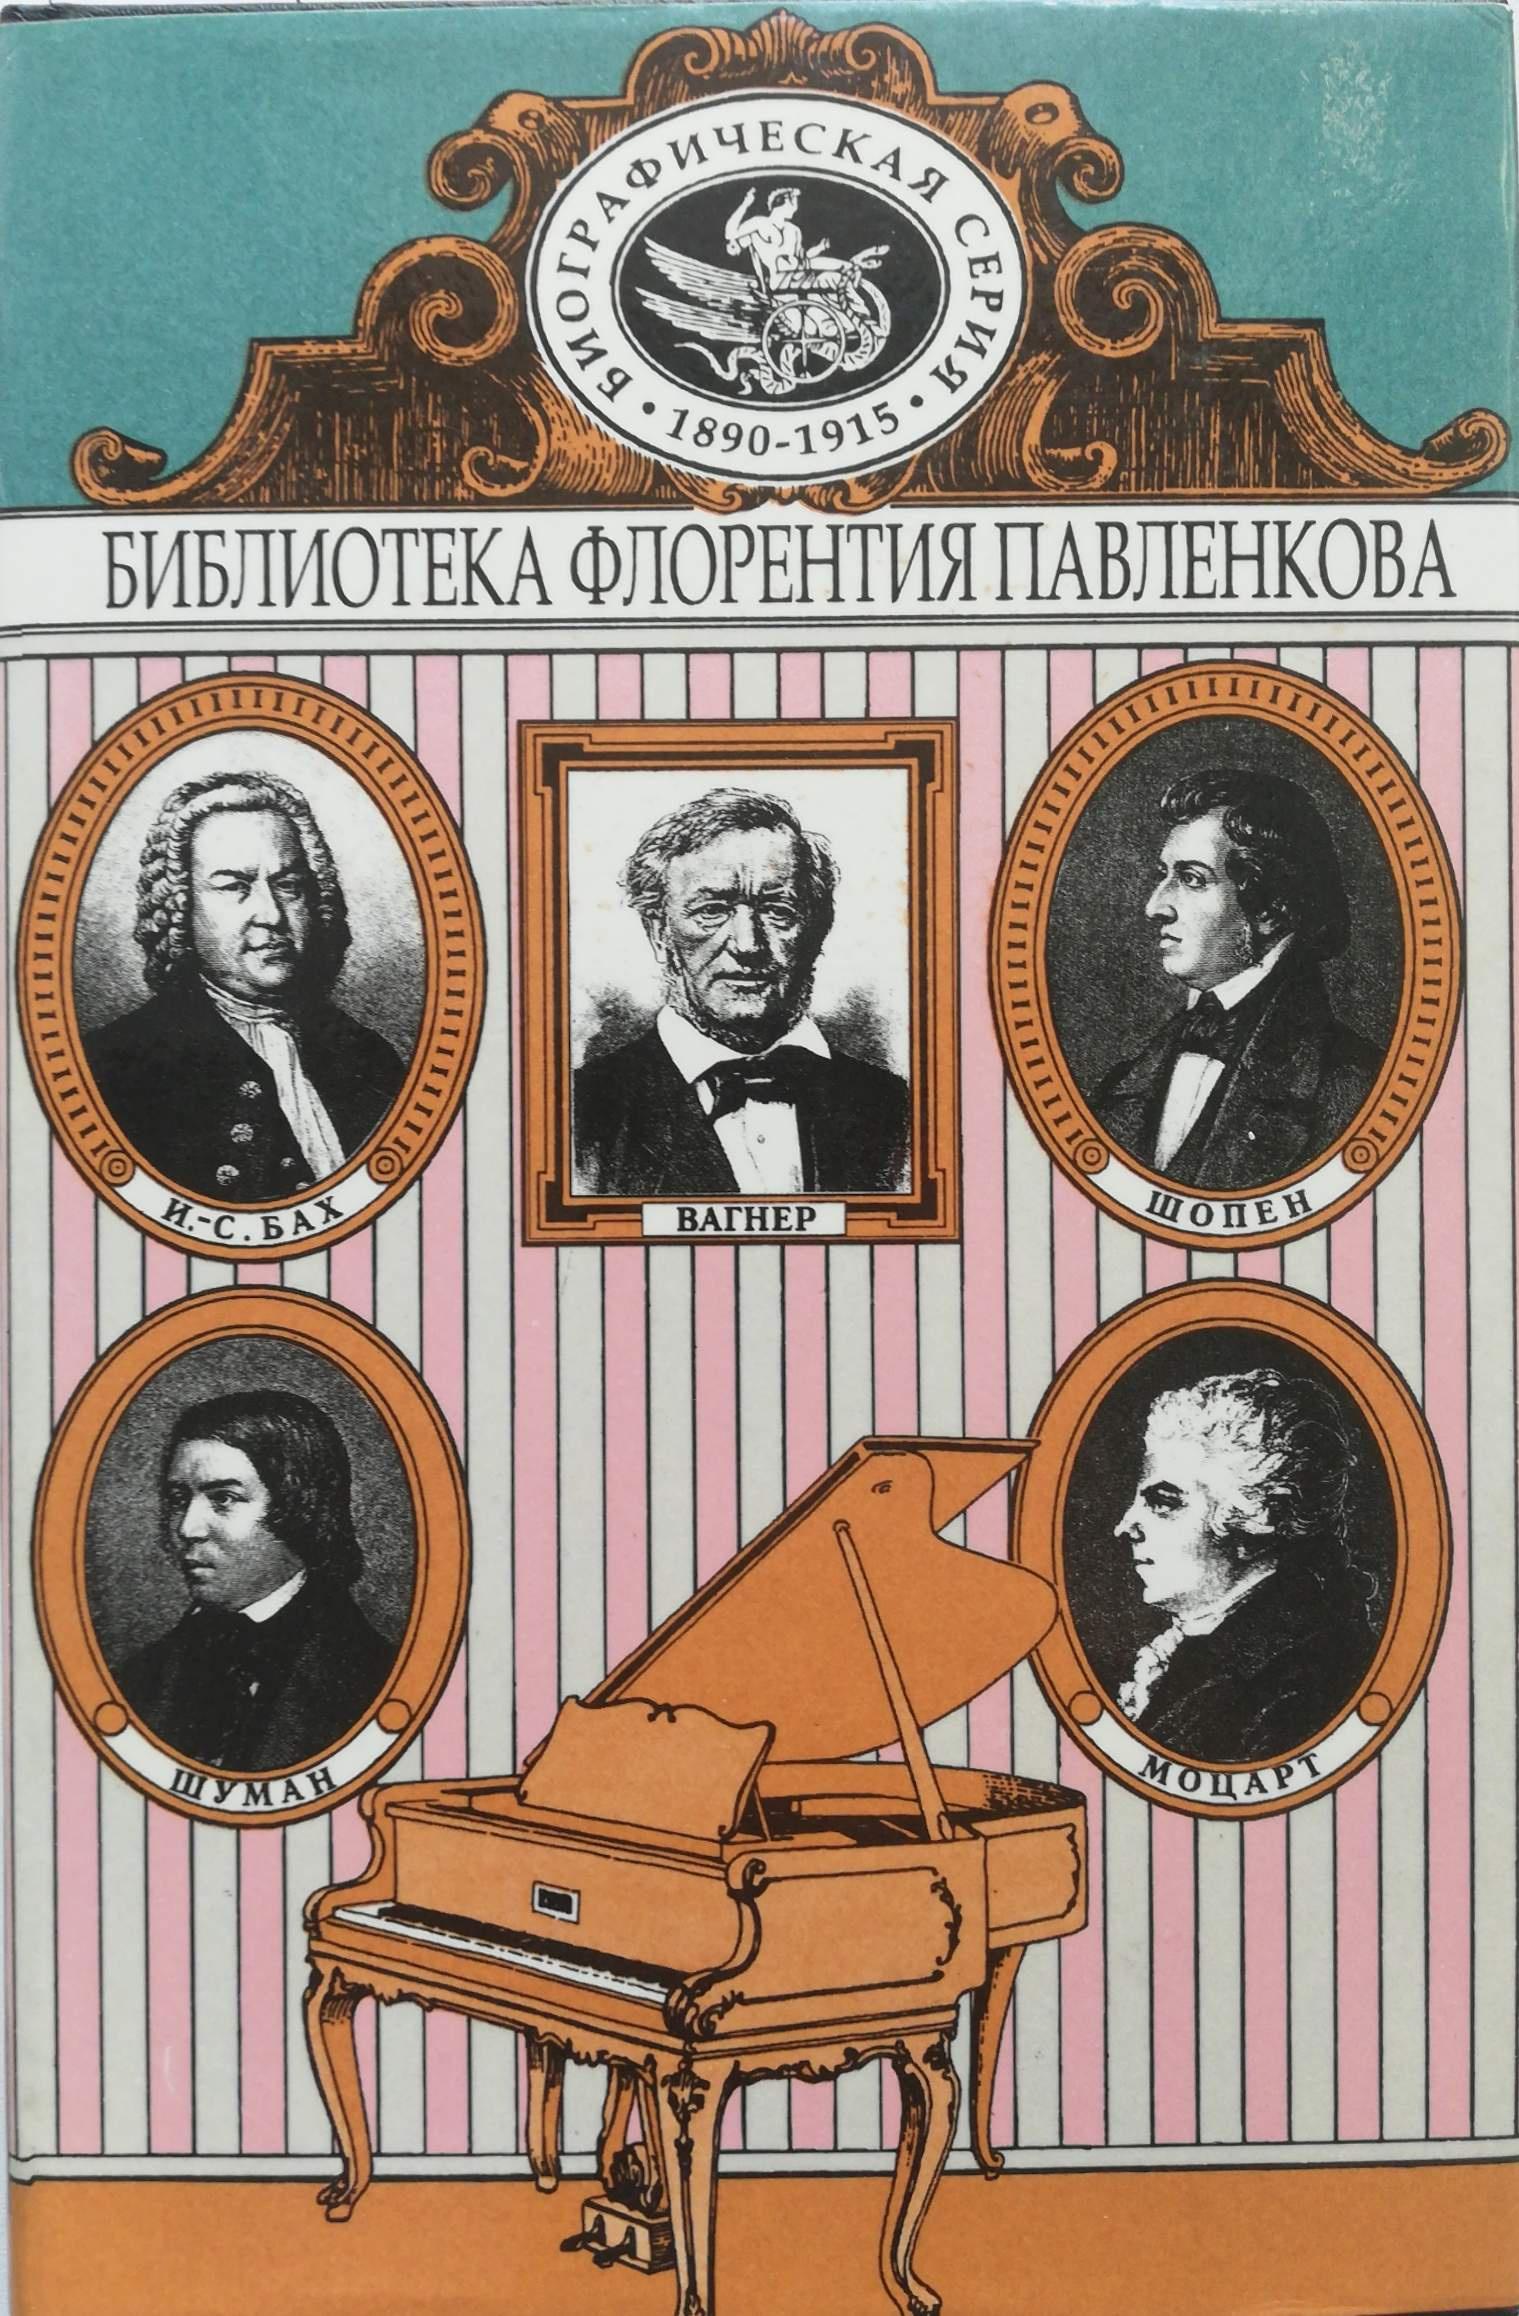 И.-С. Бах. Моцарт. Шопен. Шуман. Вагнер. Биографические повествования